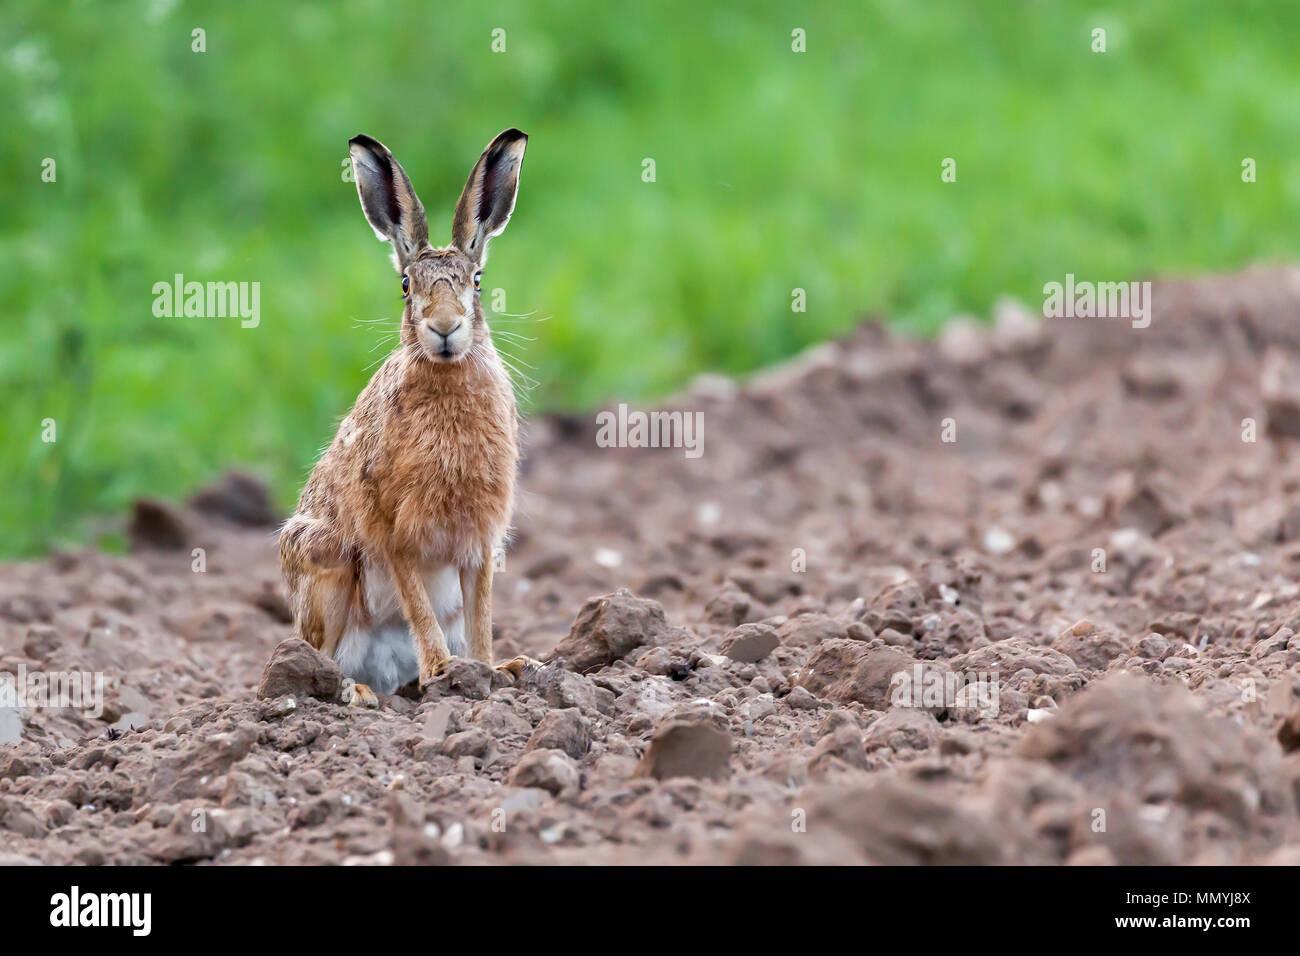 Wild lepre sat fissando direttamente alla fotocamera. Close up ritratto della fauna selvatica in NORFOLK REGNO UNITO Immagini Stock